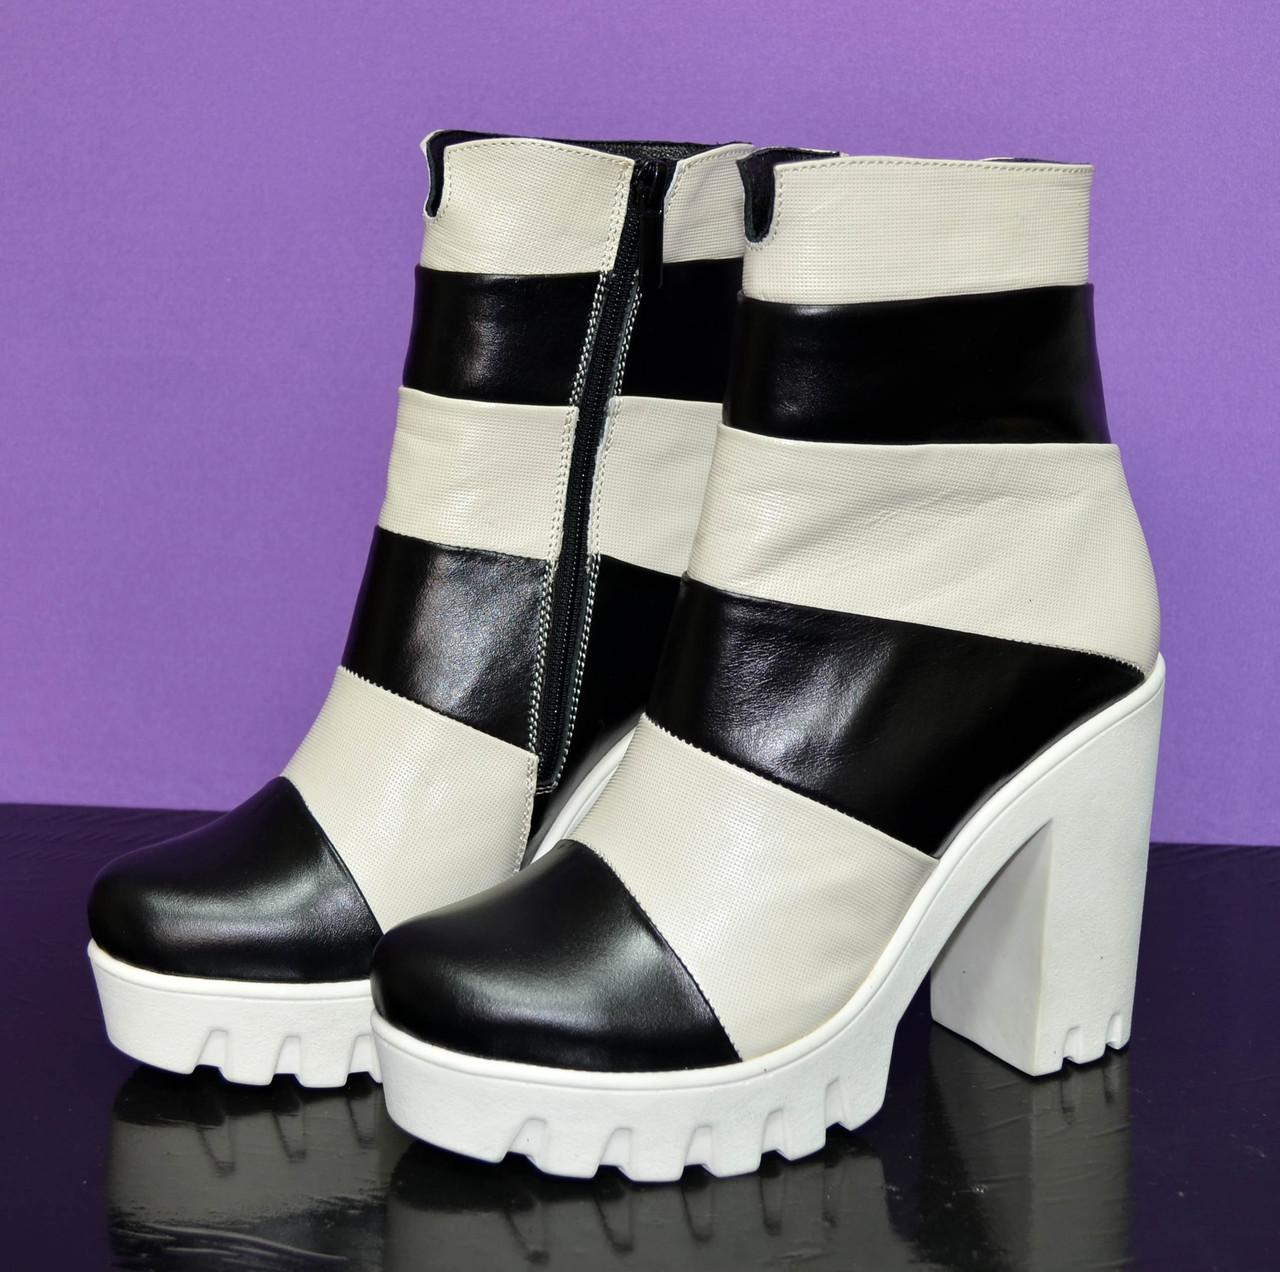 ee23600517d016 Женские зимние ботинки на белой тракторной подошве, натуральная кожа,  бежево-черные